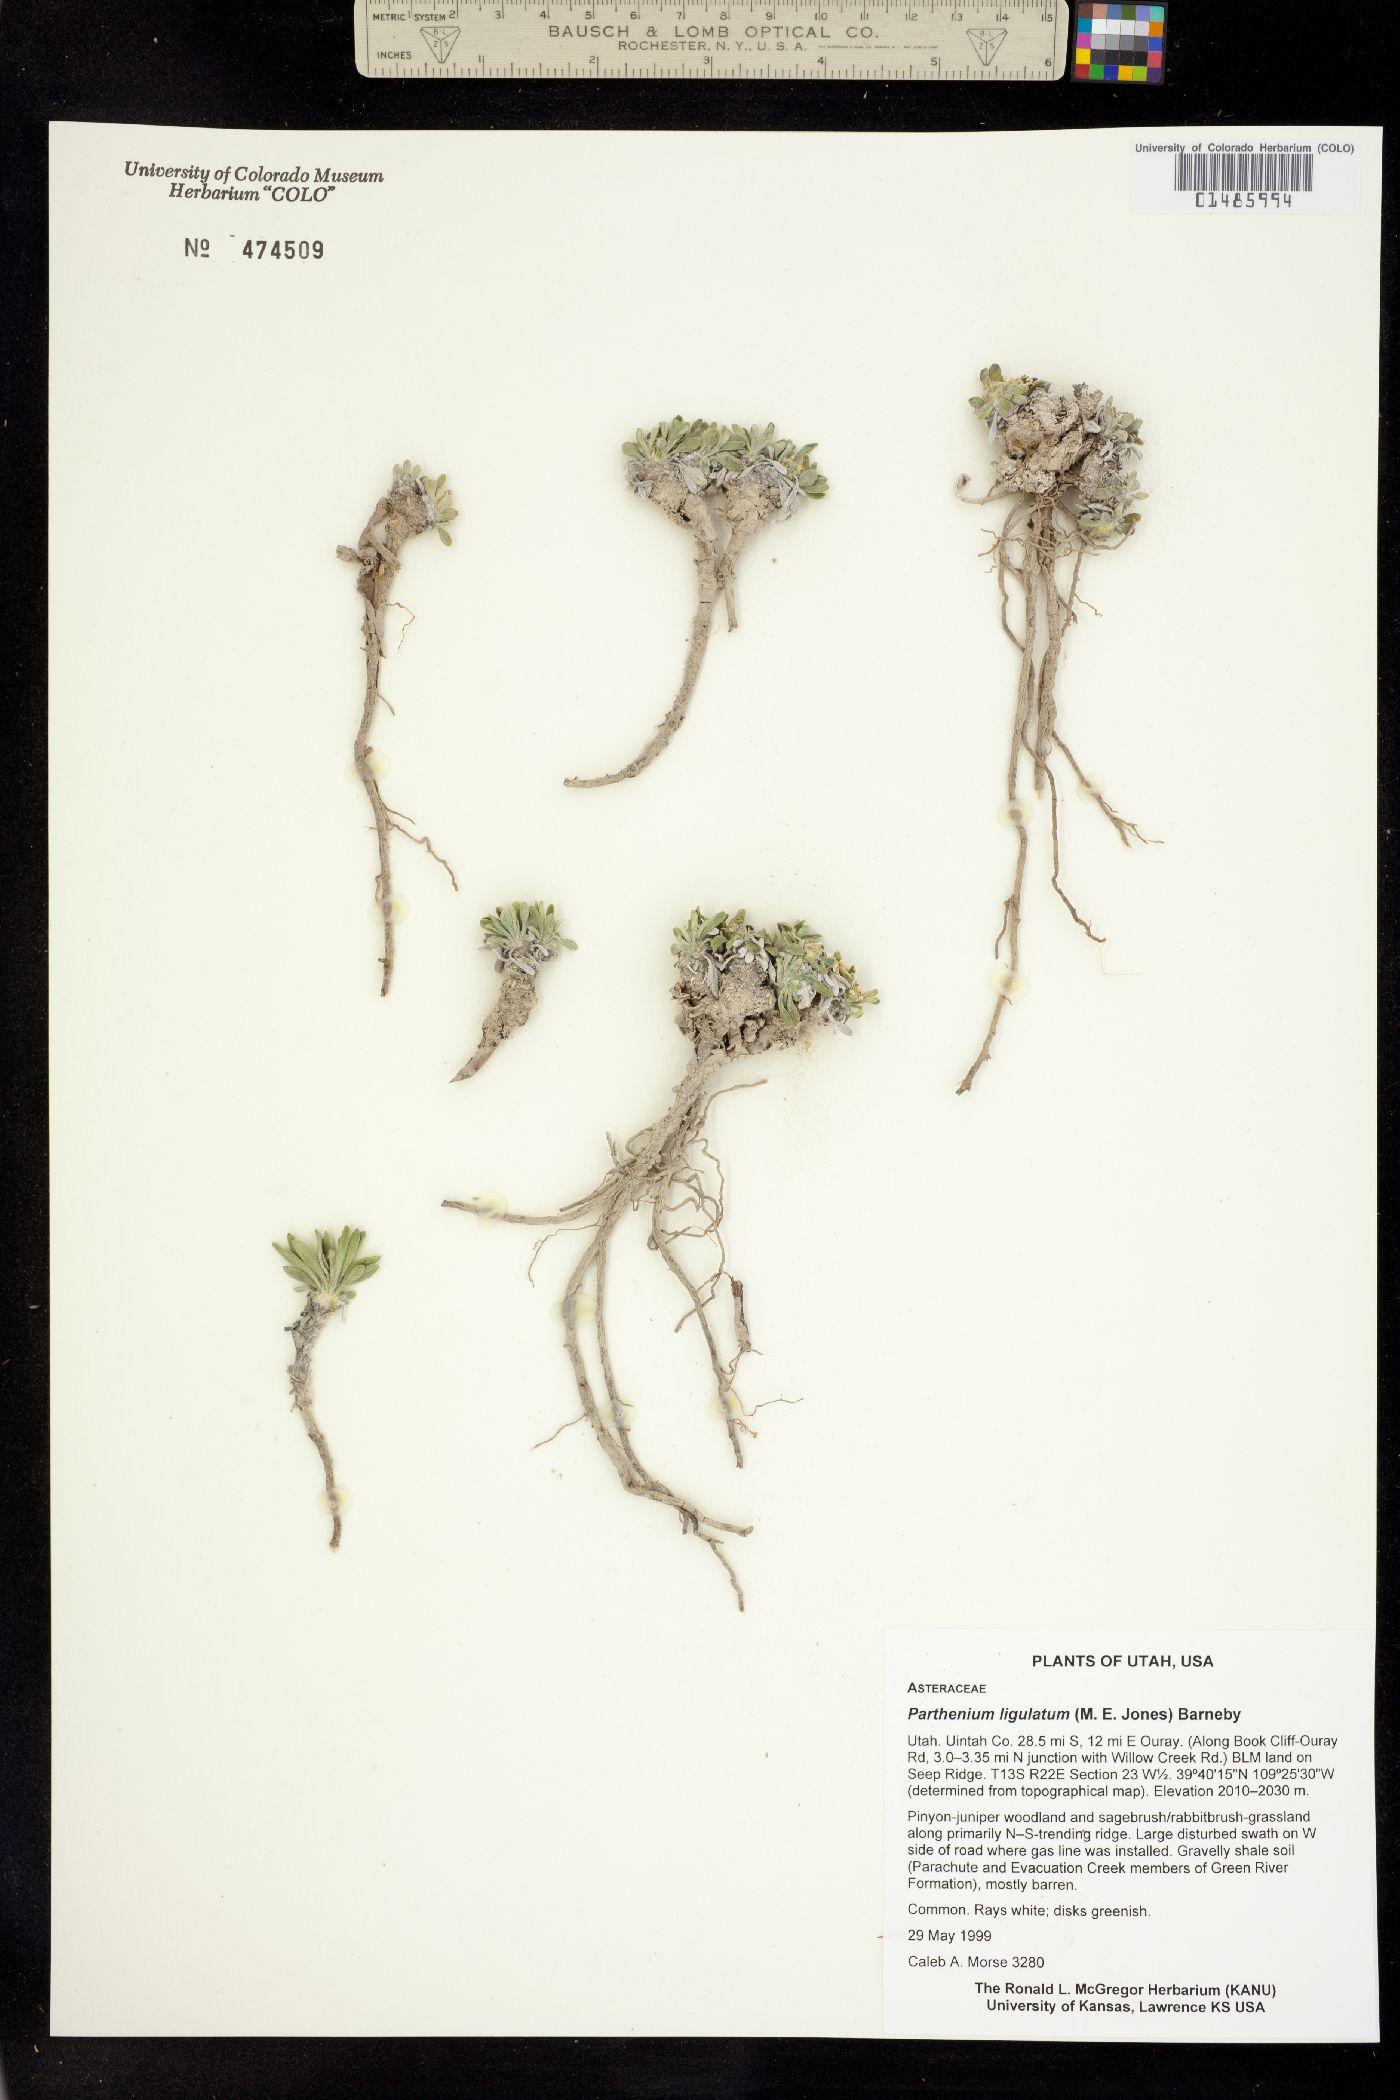 Parthenium ligulatum image